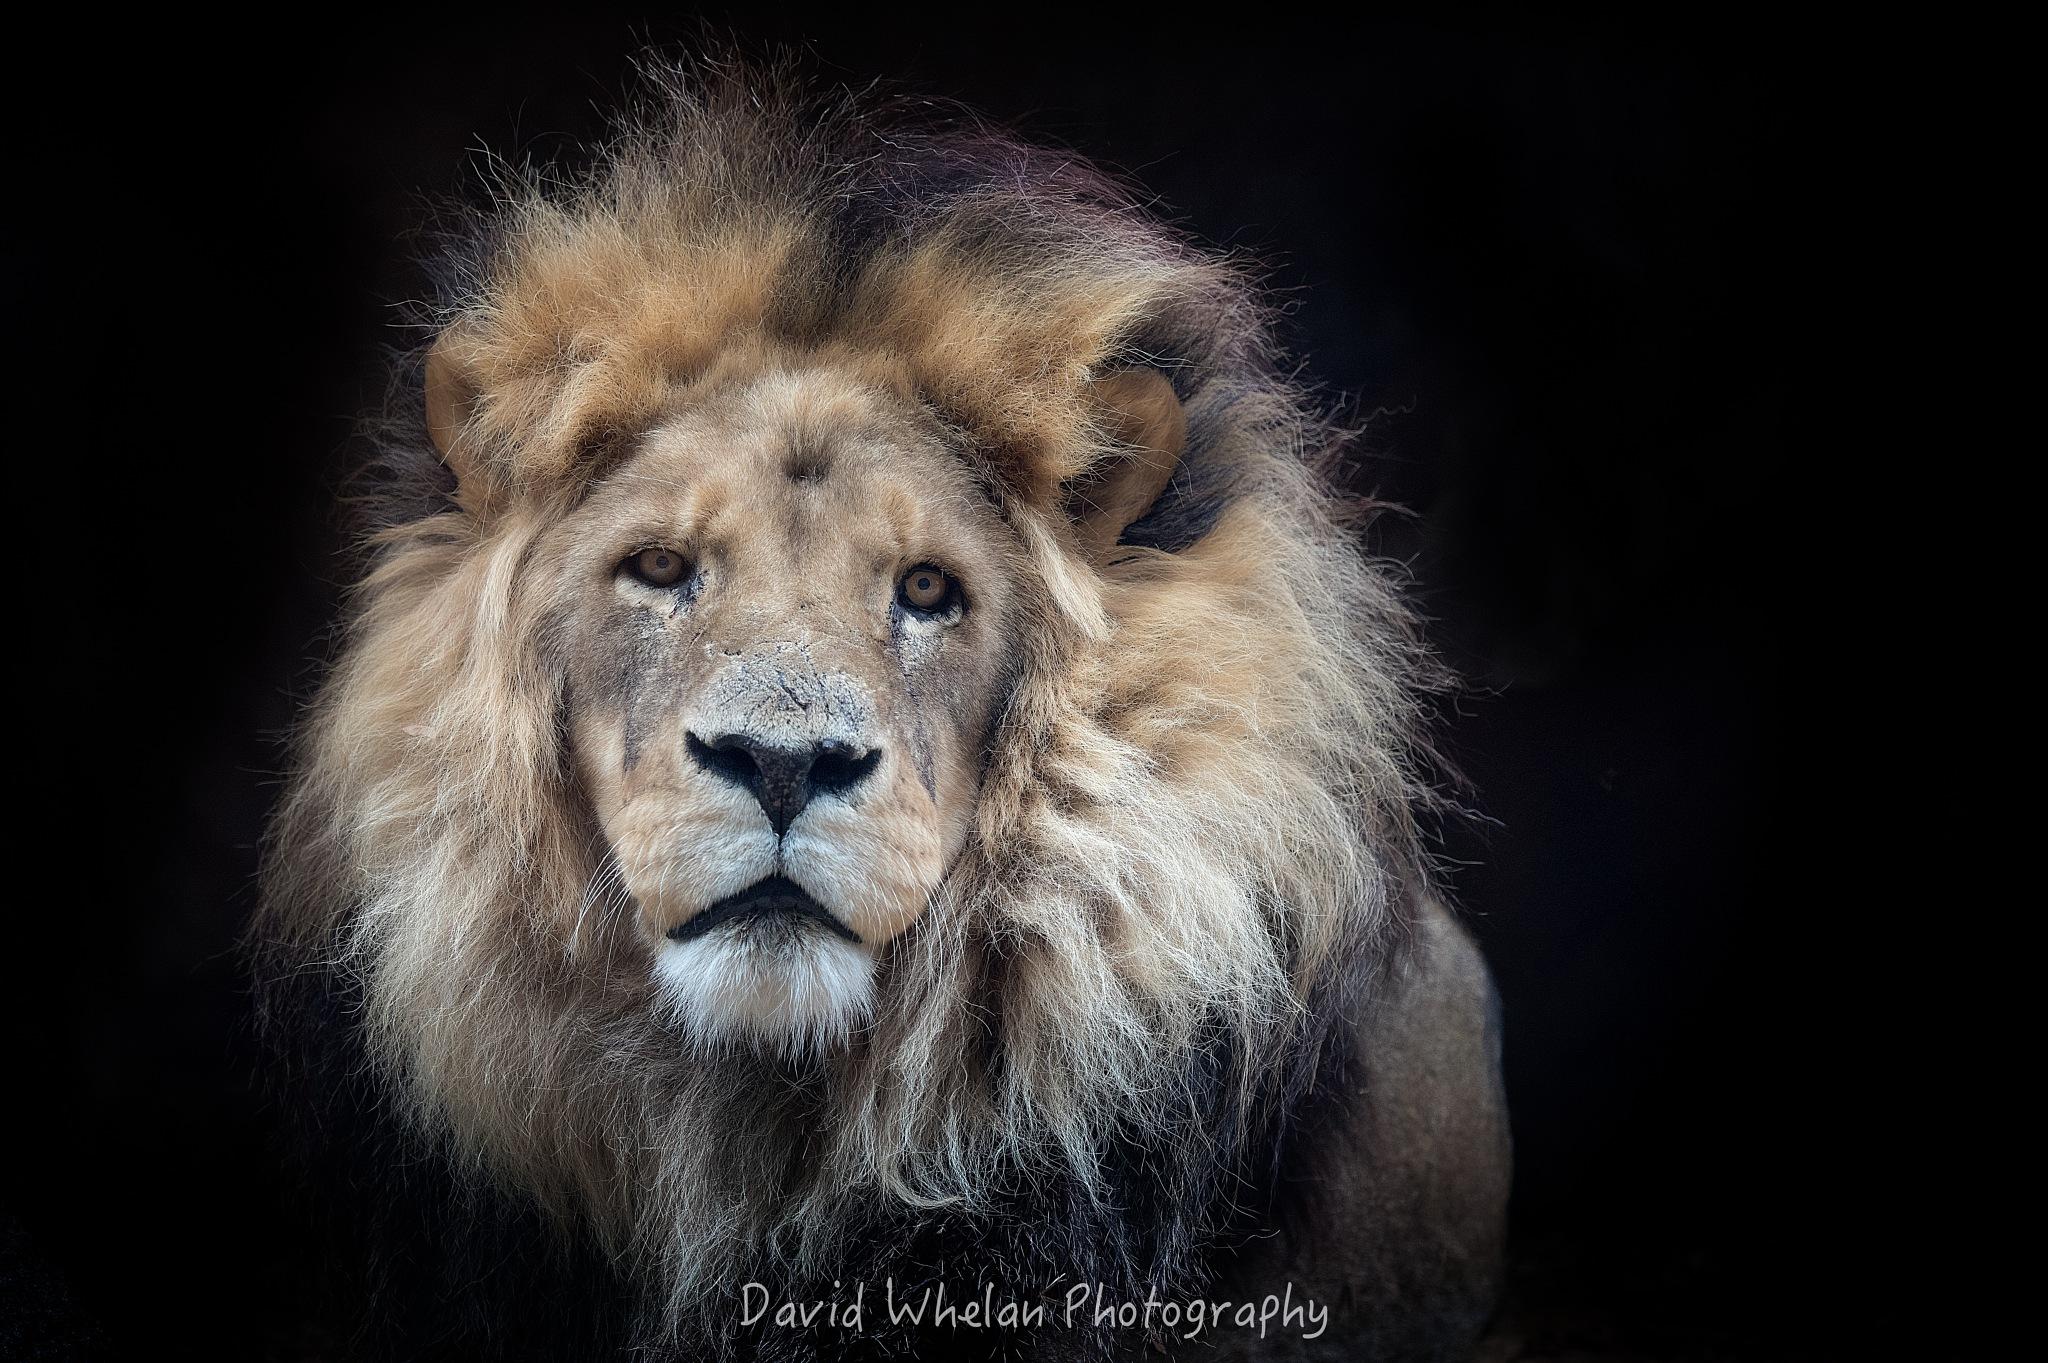 African Lion by David Whelan